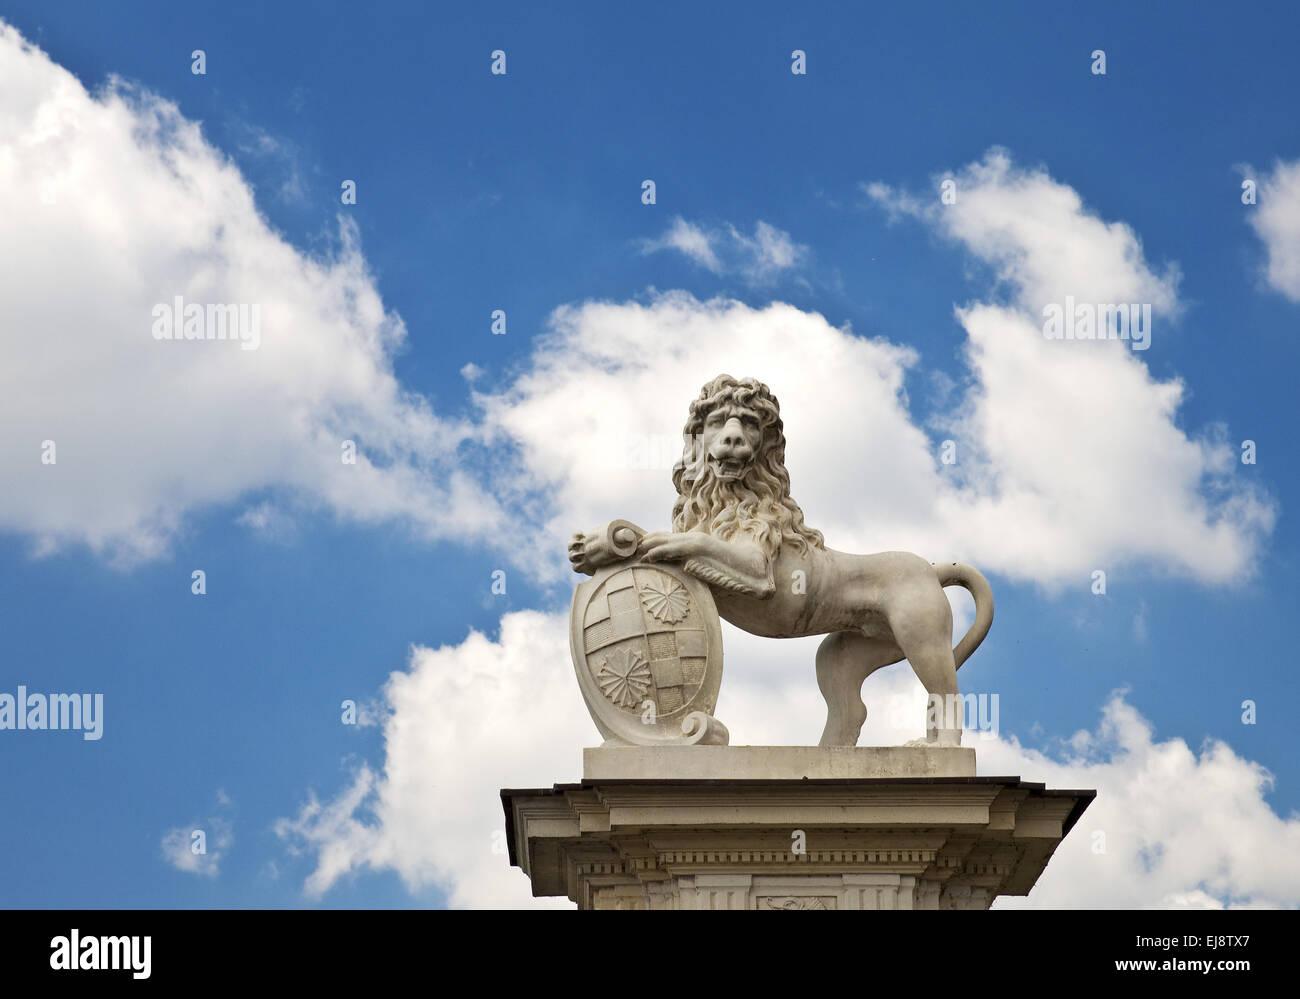 Lion sculpture, Allemagne, Palais Nordkirchen Banque D'Images